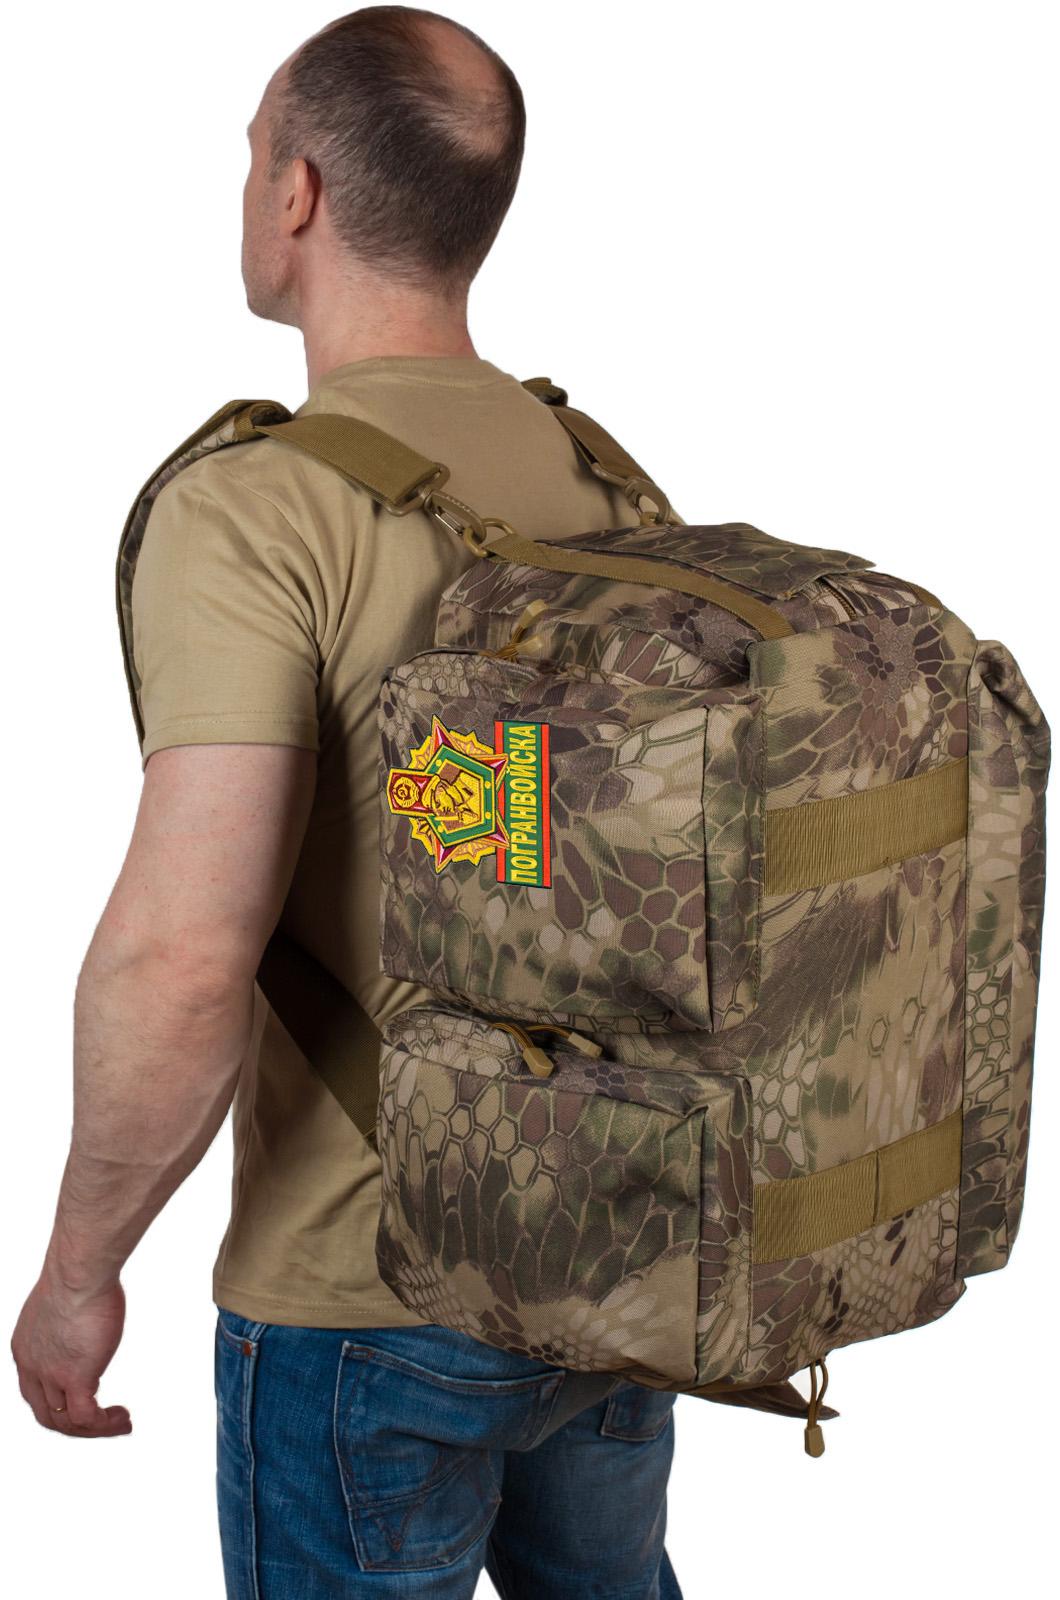 Купить военную сумку для походов Погранвойск по лучшей цене